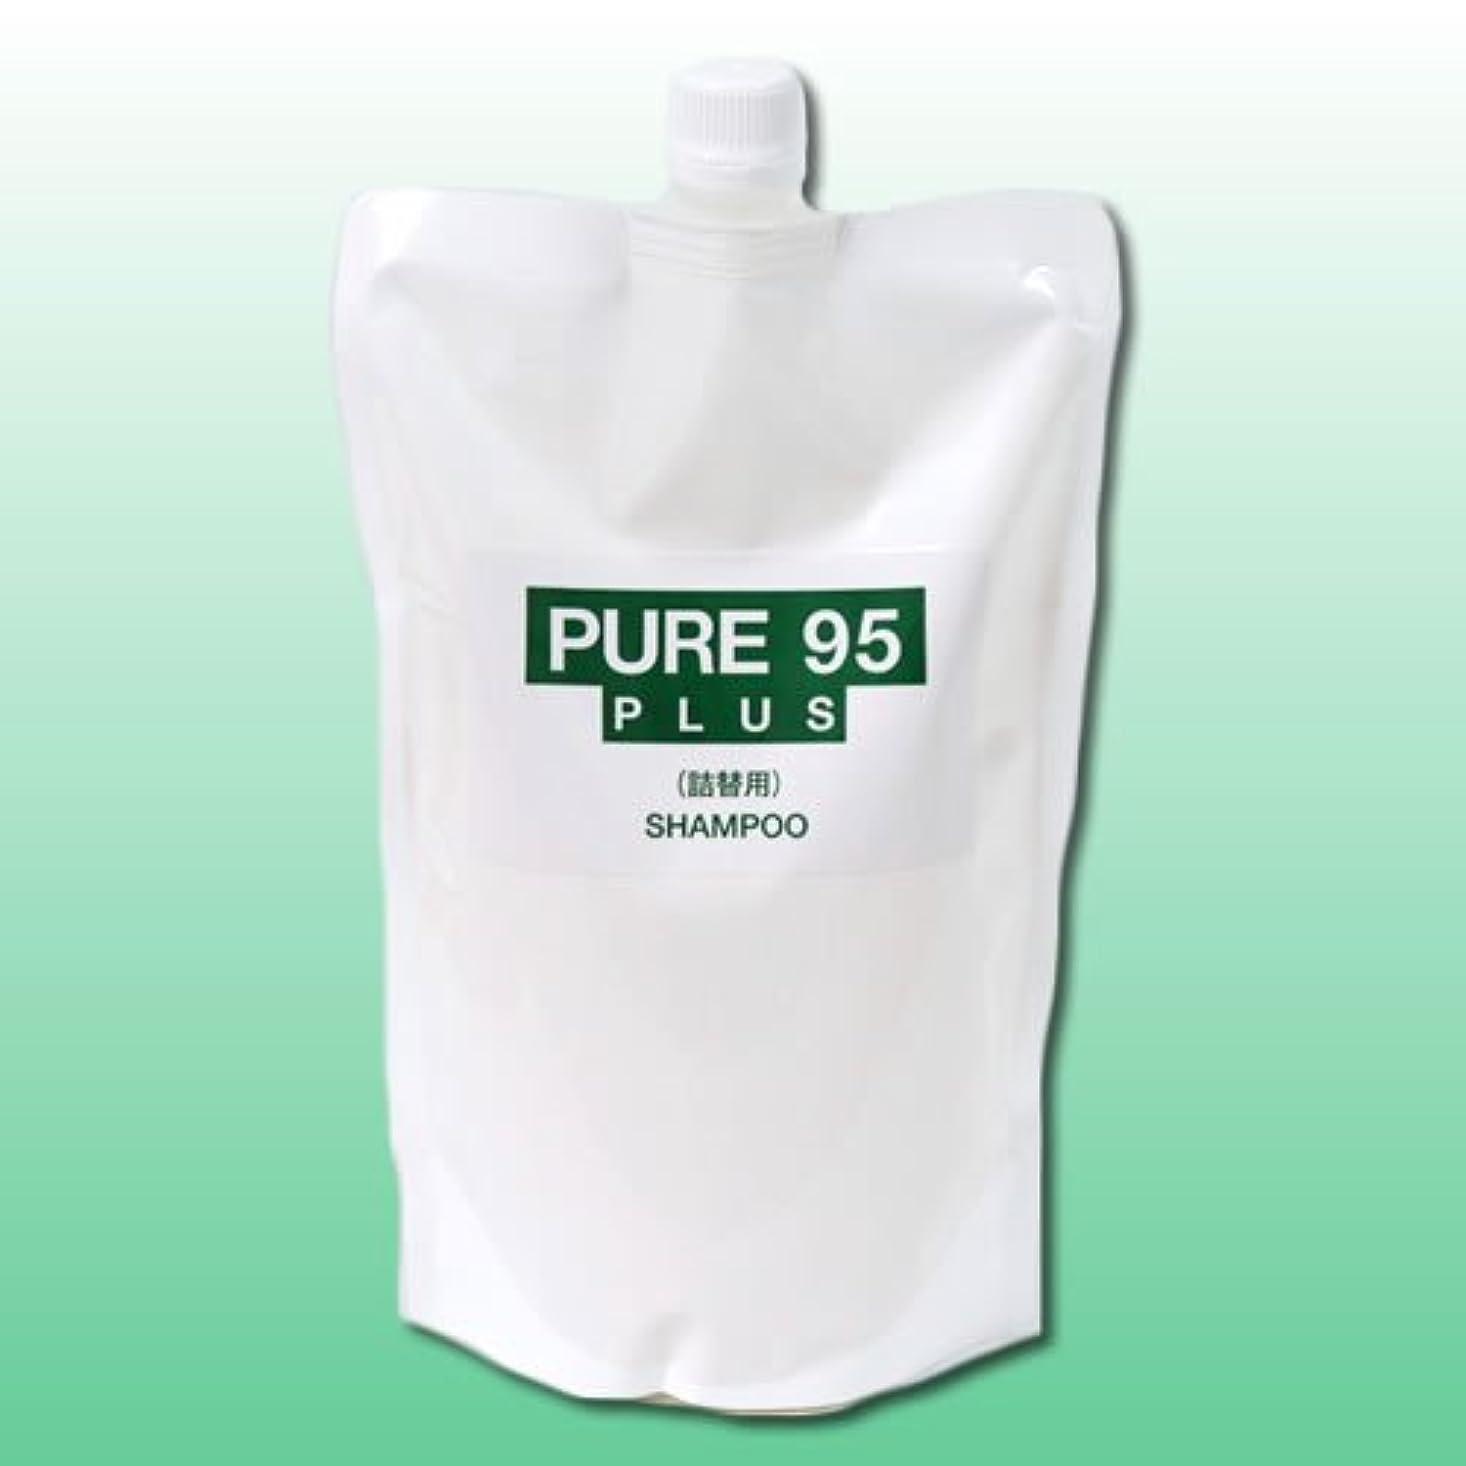 岸全体に検出するパーミングジャパン PURE95(ピュア95) プラスシャンプー 700ml (草原の香り) 詰替用